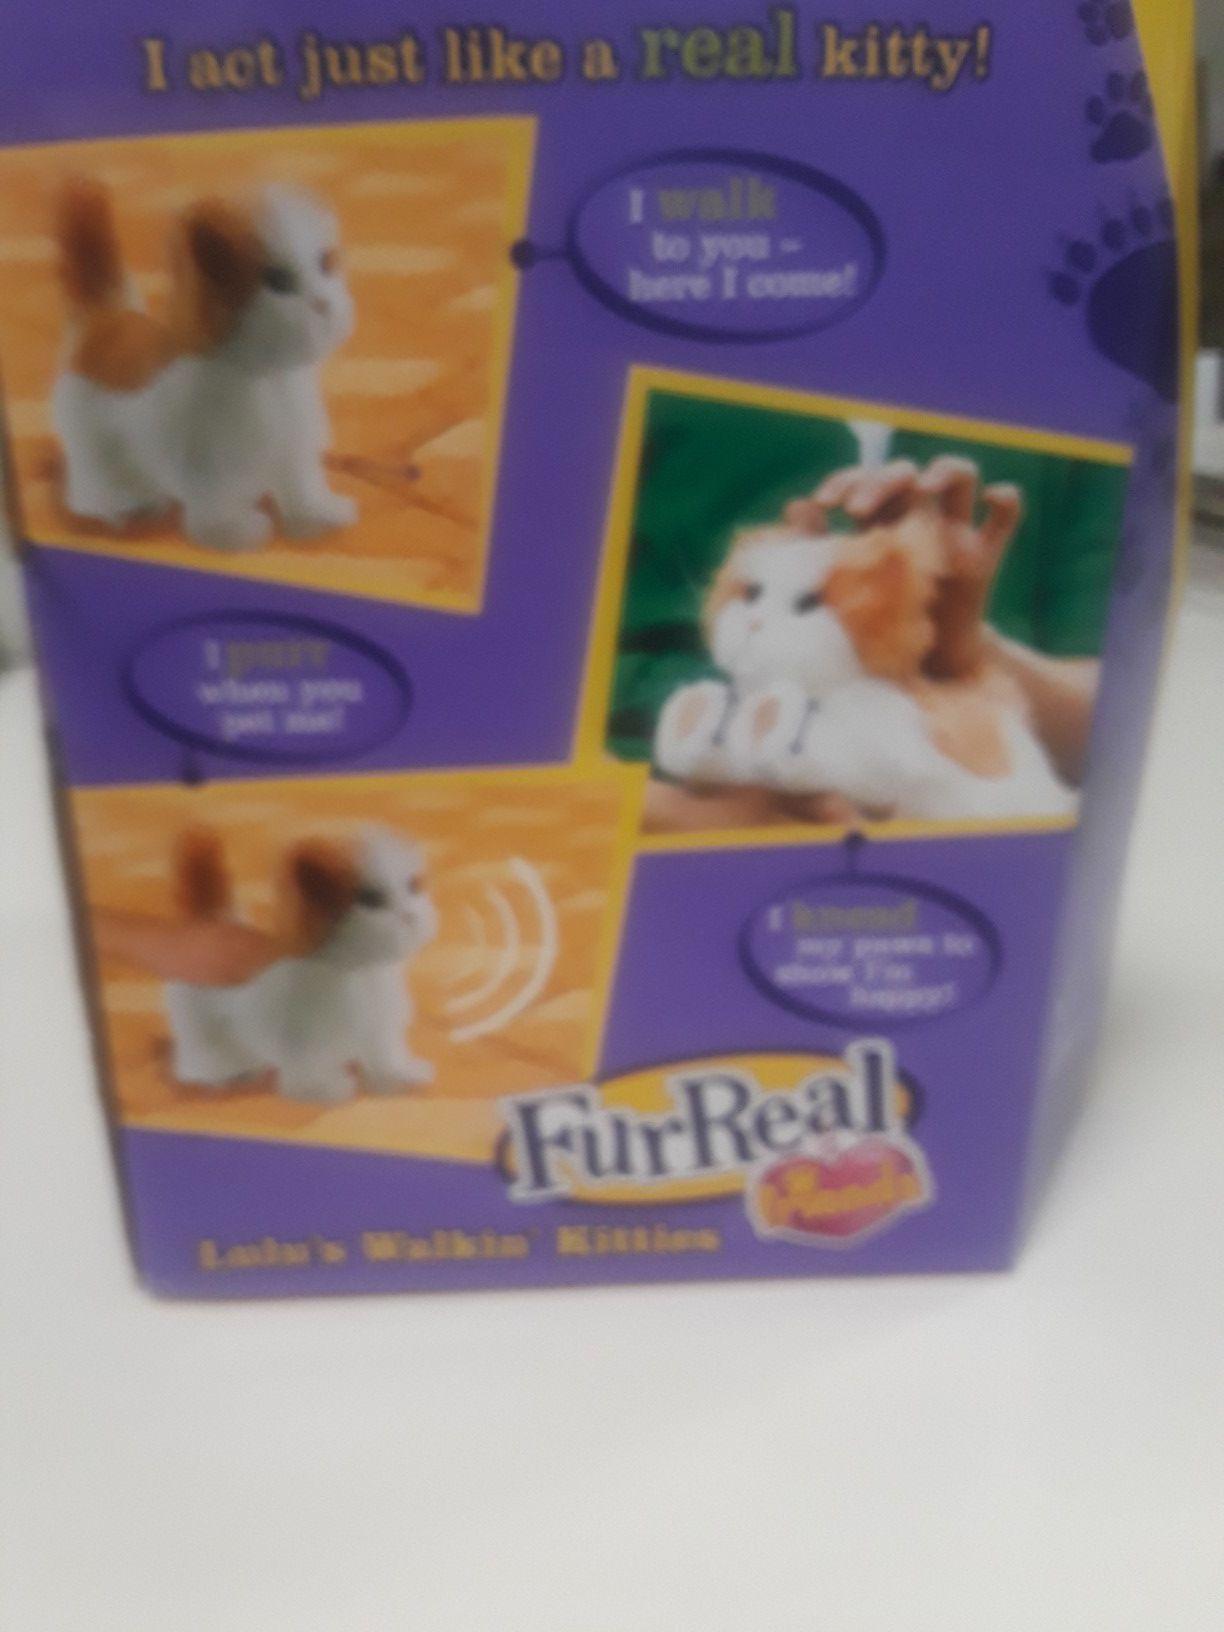 Lulu kitten by Furreal toys